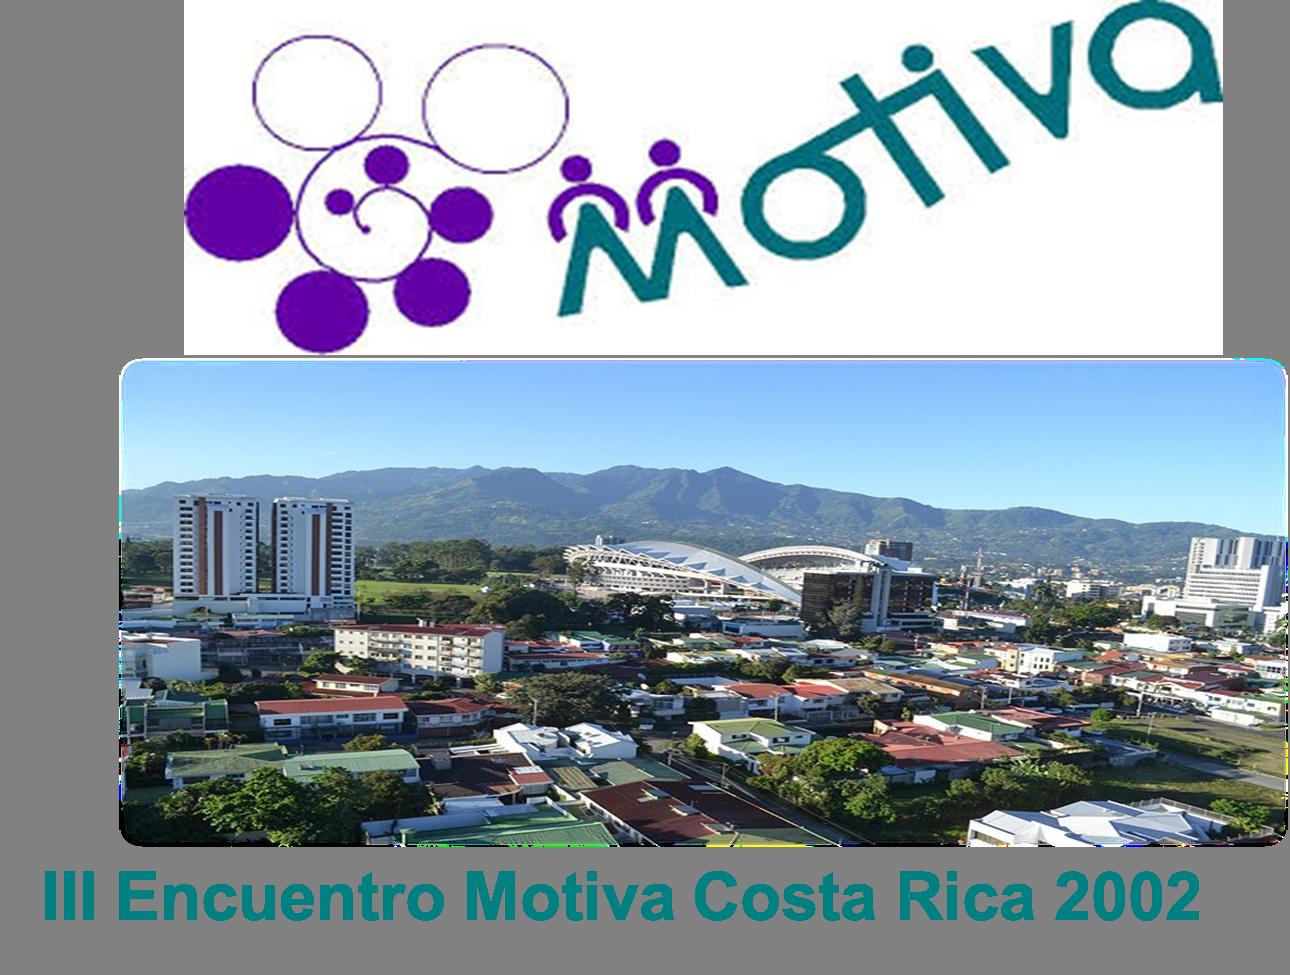 III Encuentro Motiva. Costa Rica 2002